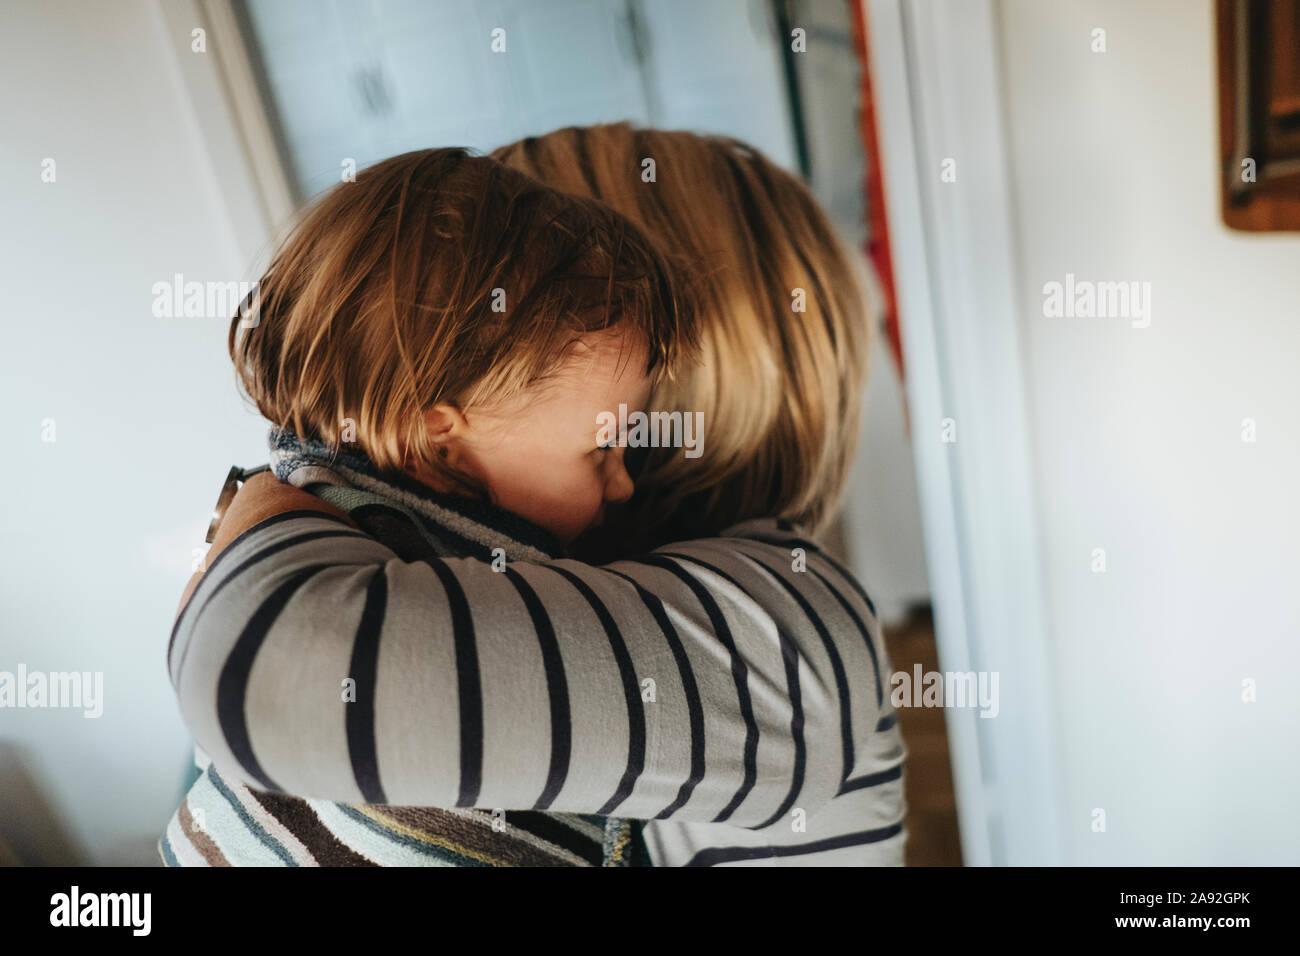 Il Toddler girl avente abbraccio dalla mamma Foto Stock